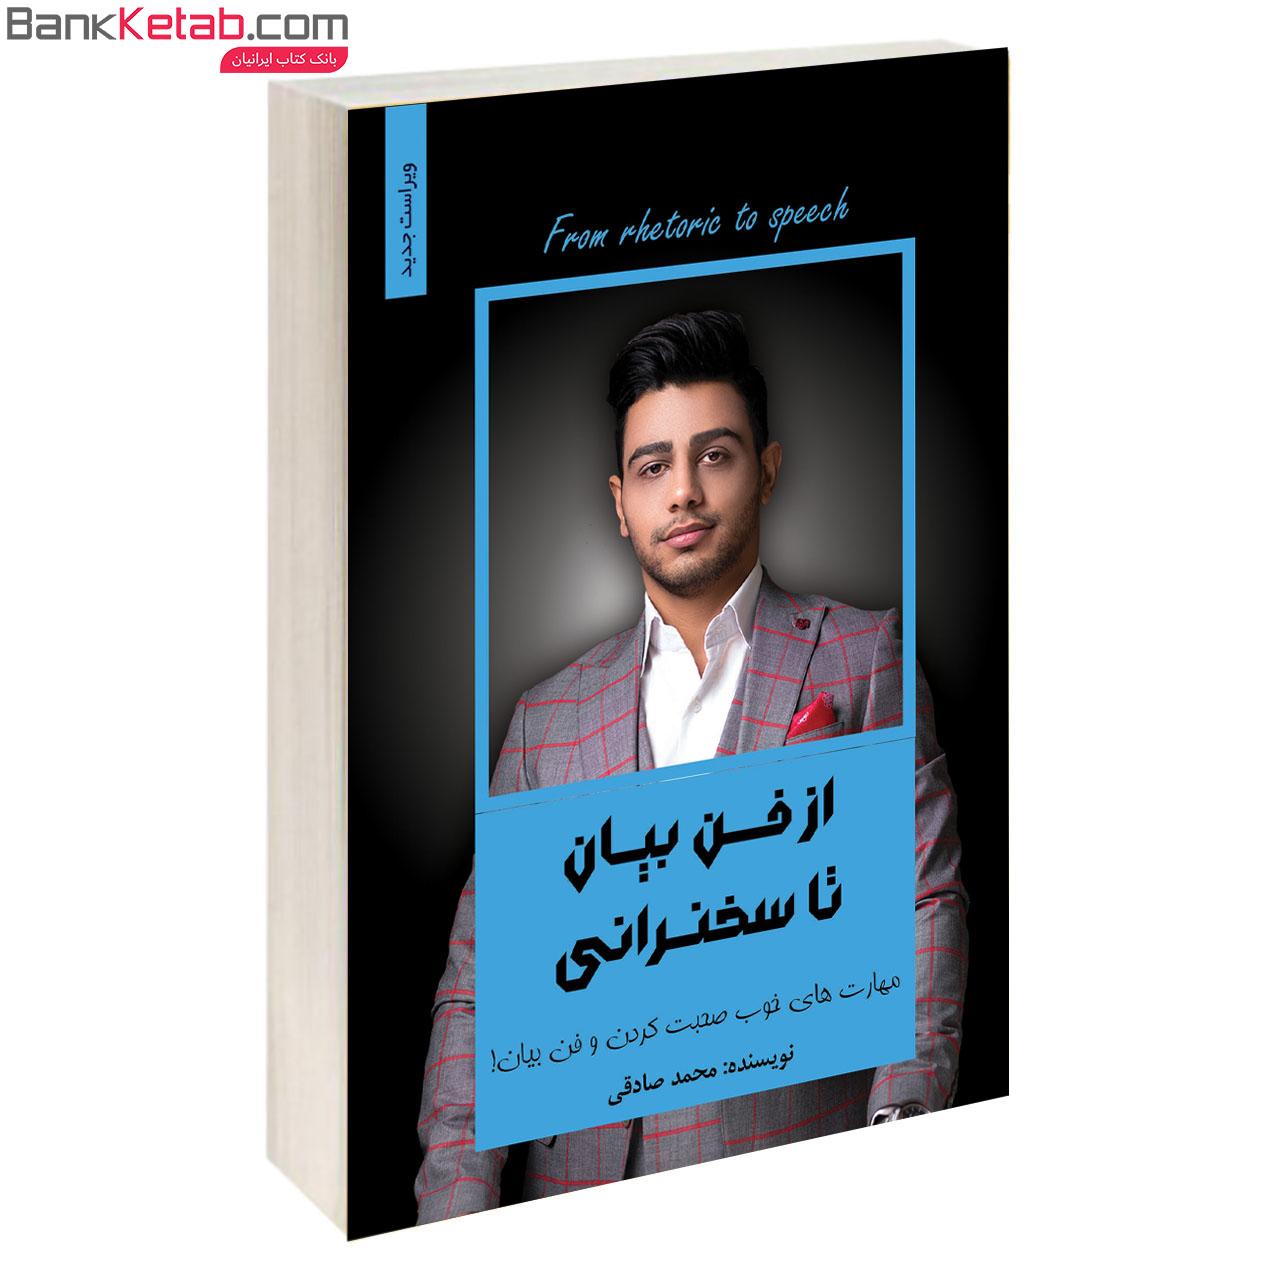 کتاب از فن بیان تا سخنرانی اثر محمد صادقی